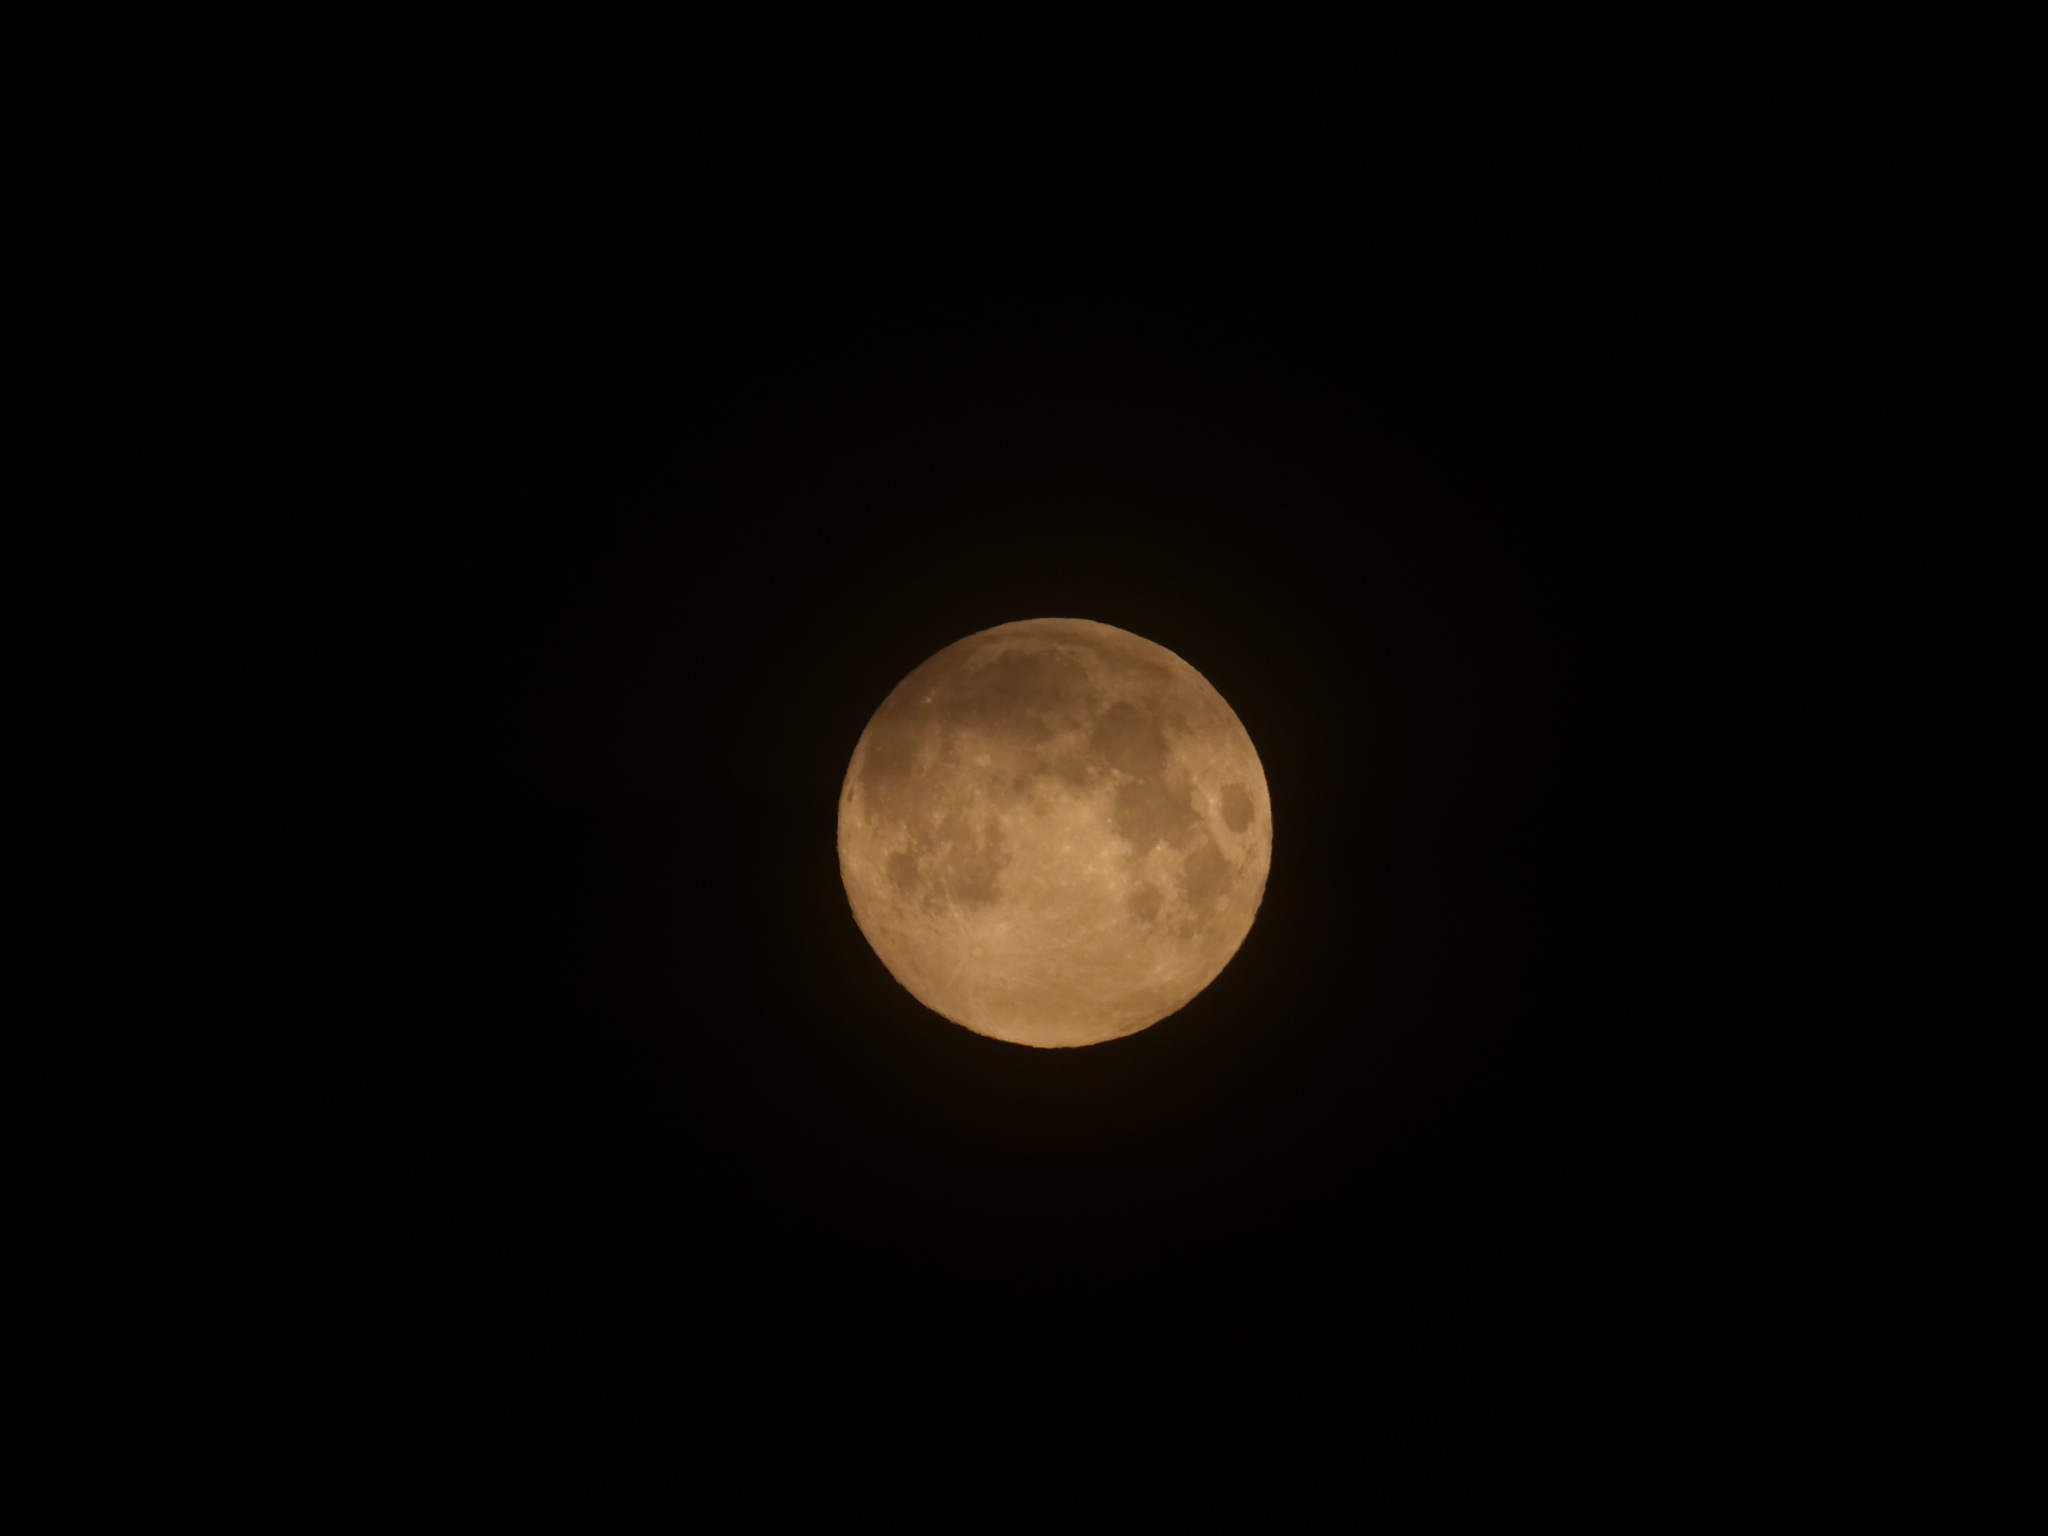 Volle maan vanmorgen by frank.bruls